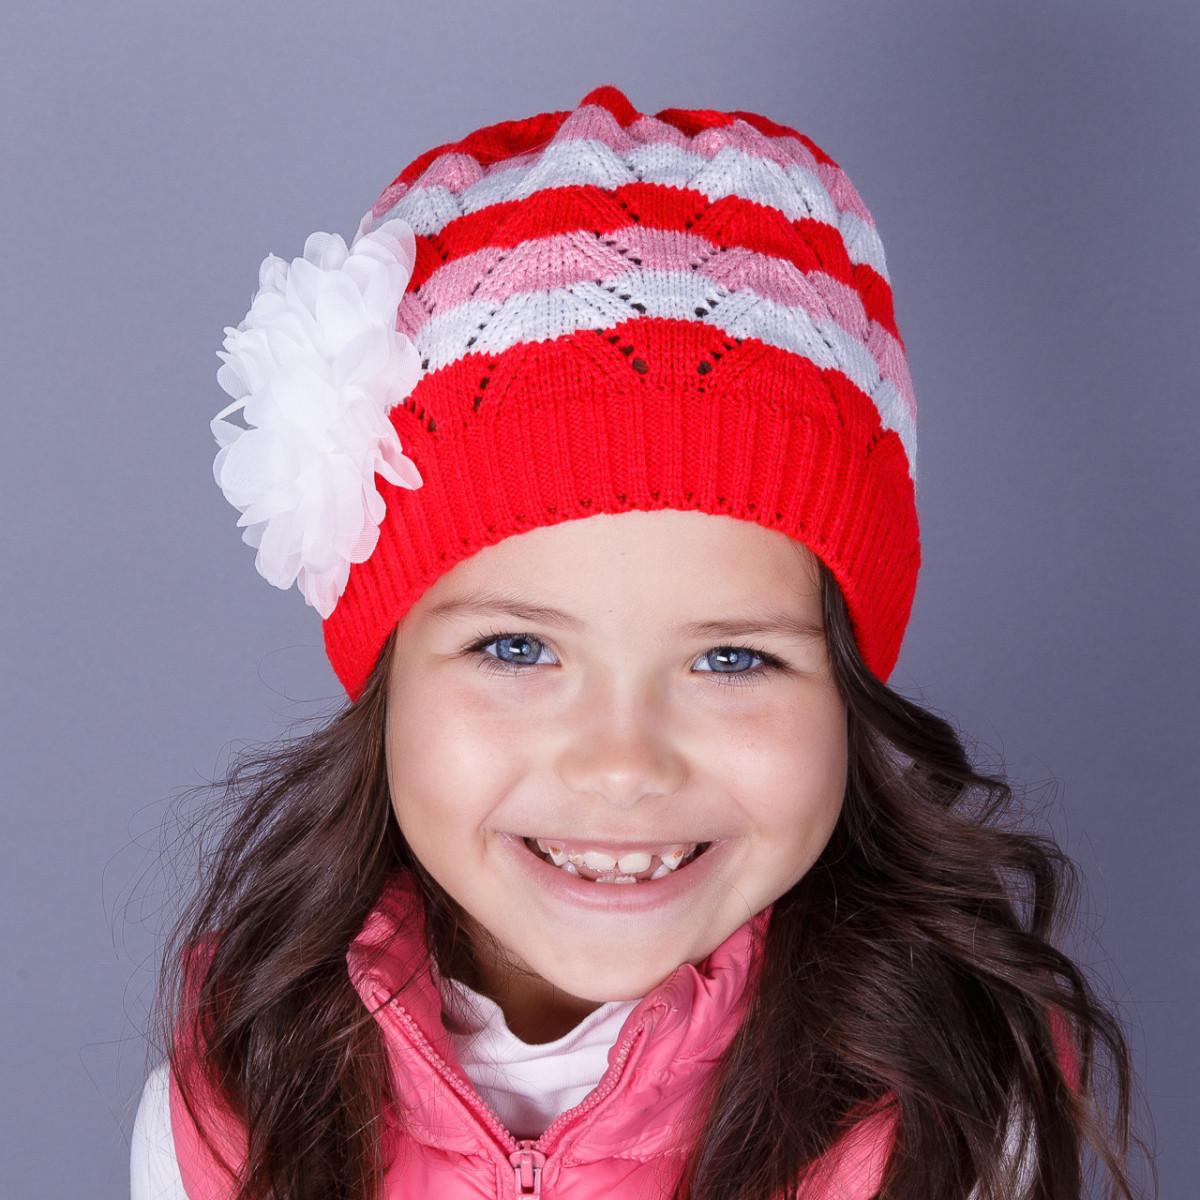 Нарядная вязанная шапка для девочек оптом - Бант - осень - Артикул 1510